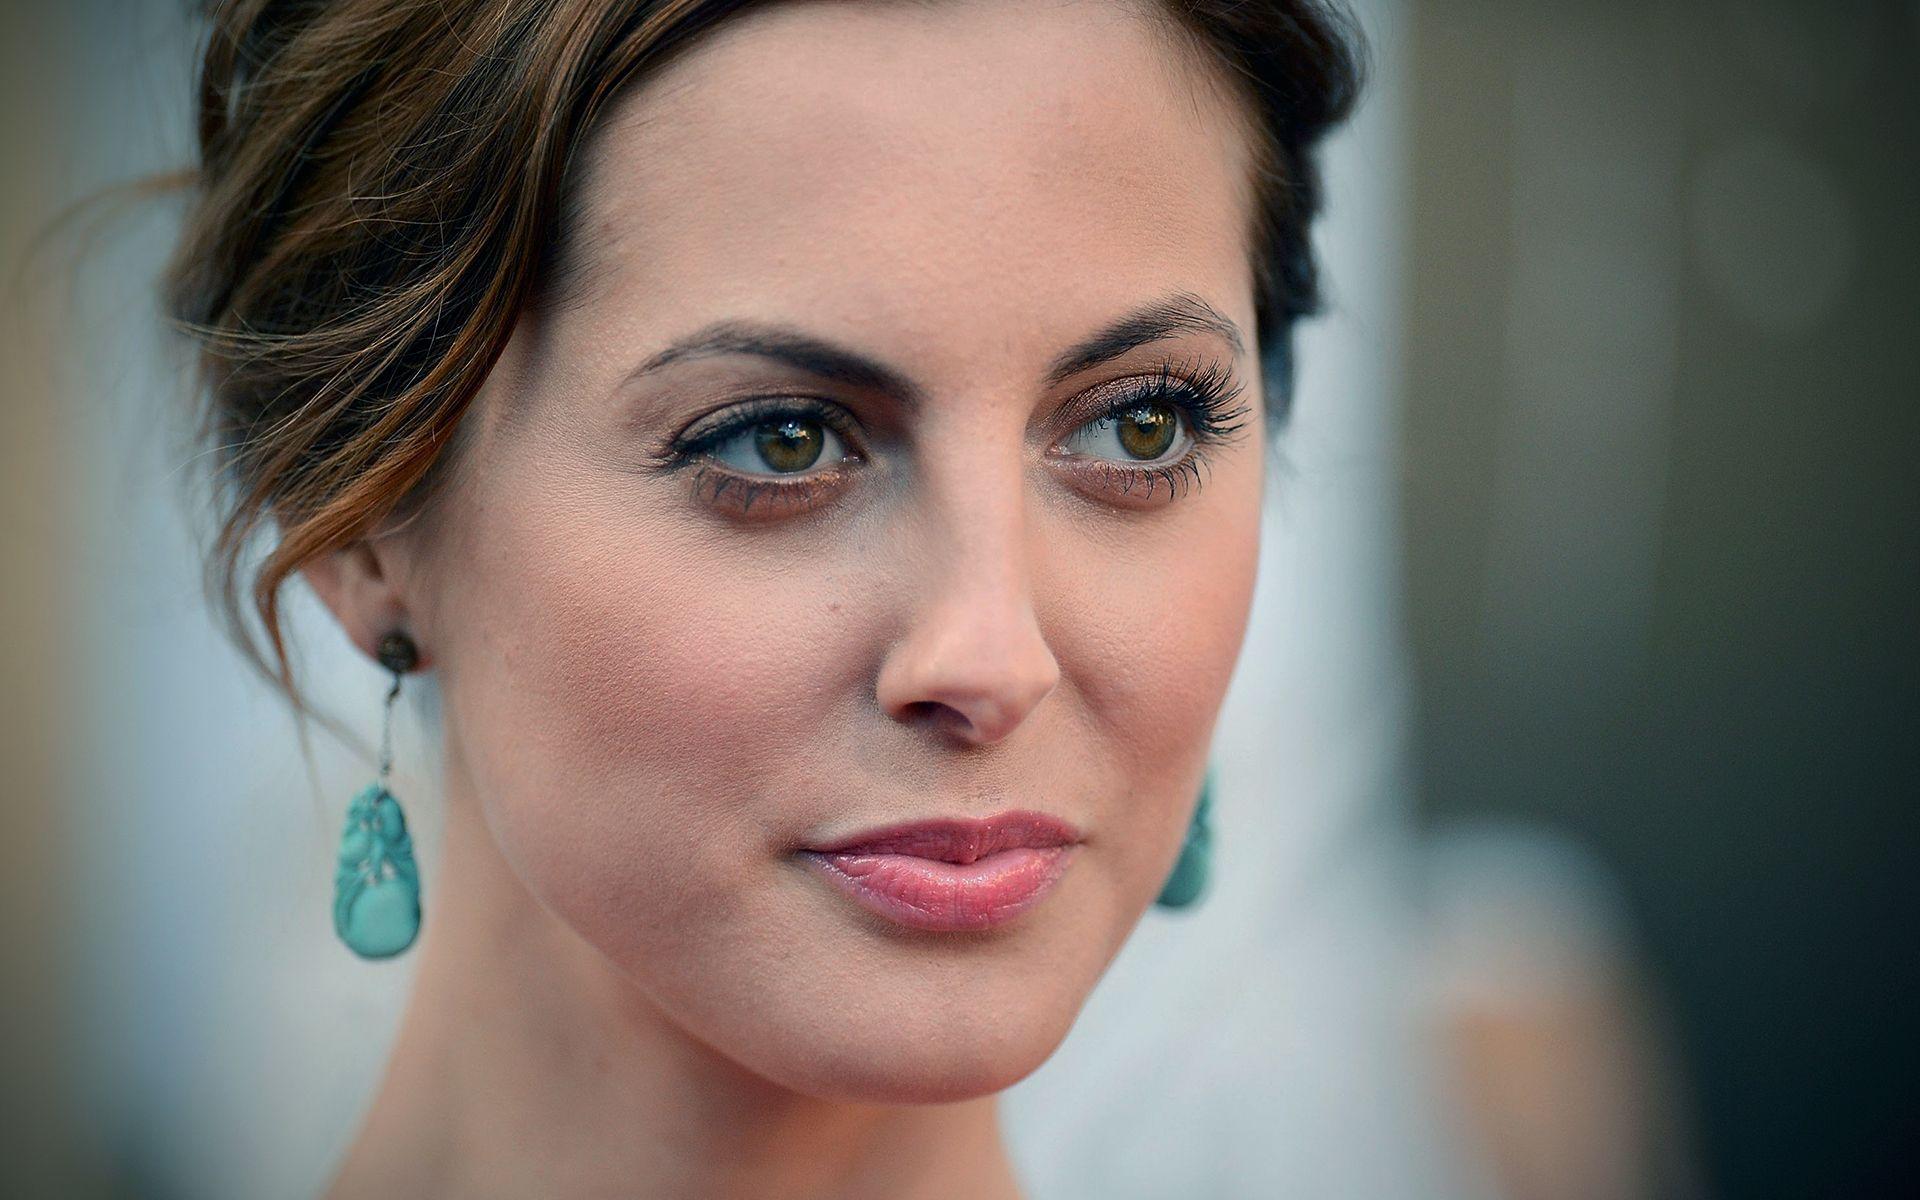 Eva Amurri Widescreen